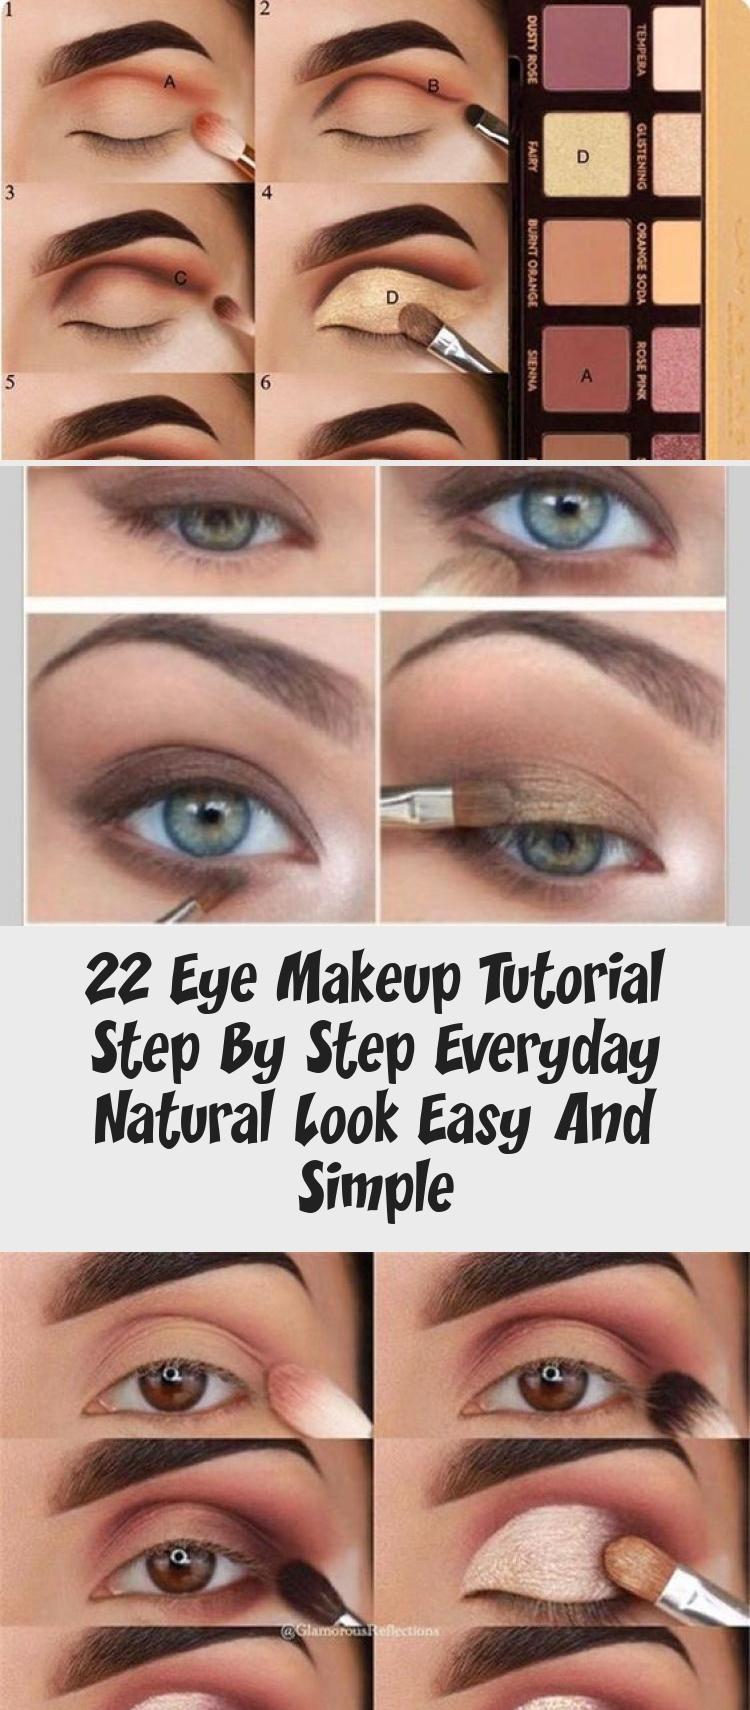 22 Eye Makeup Tutorial Step By Step Everyday Natural Look